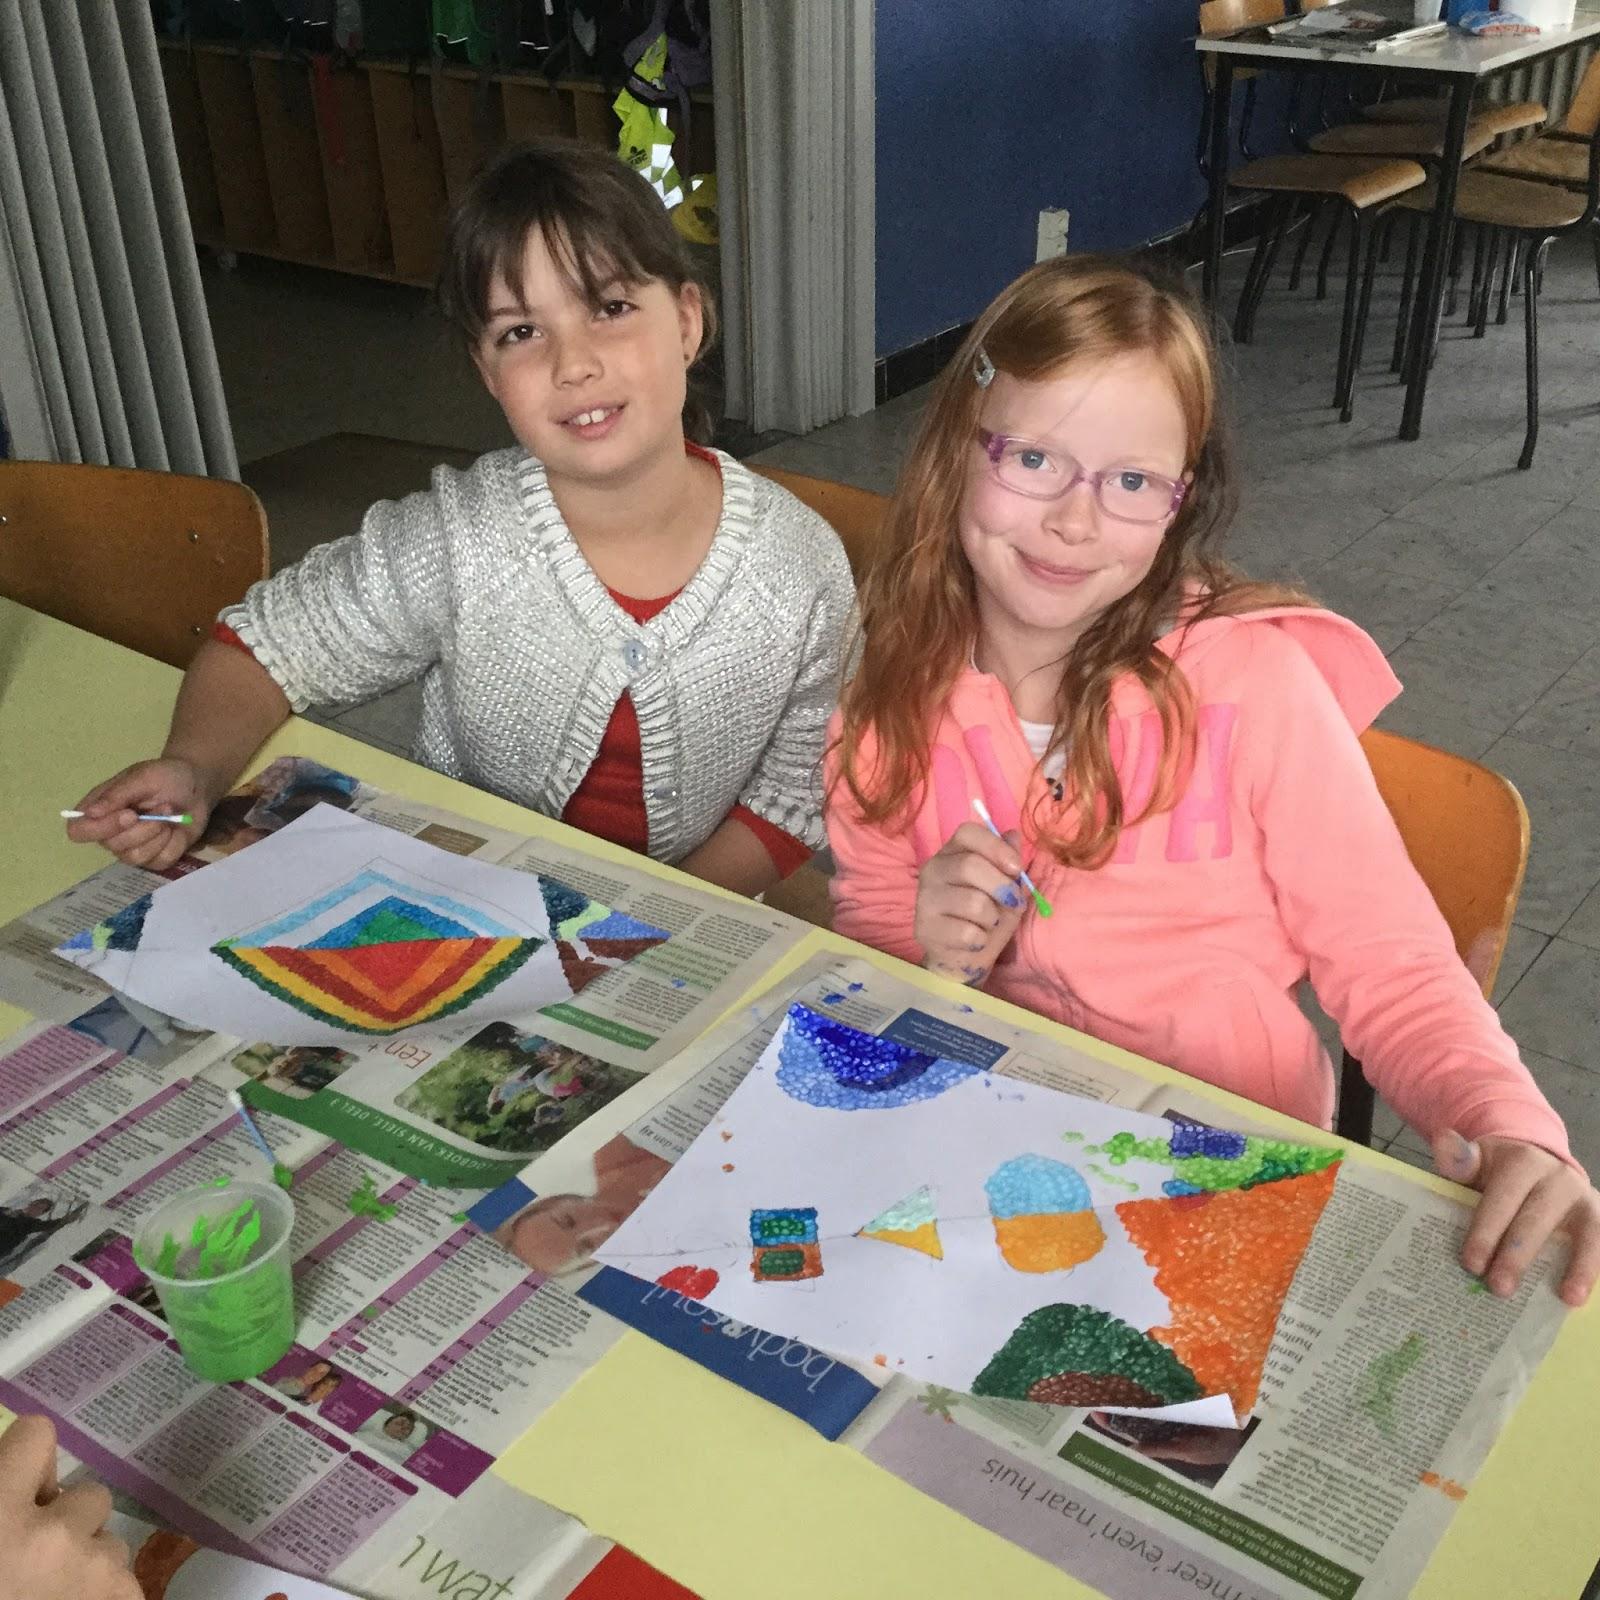 De klas van juf suze koude en warme kleuren in onze kunstwerkjes - Koude en warme kleuren ...